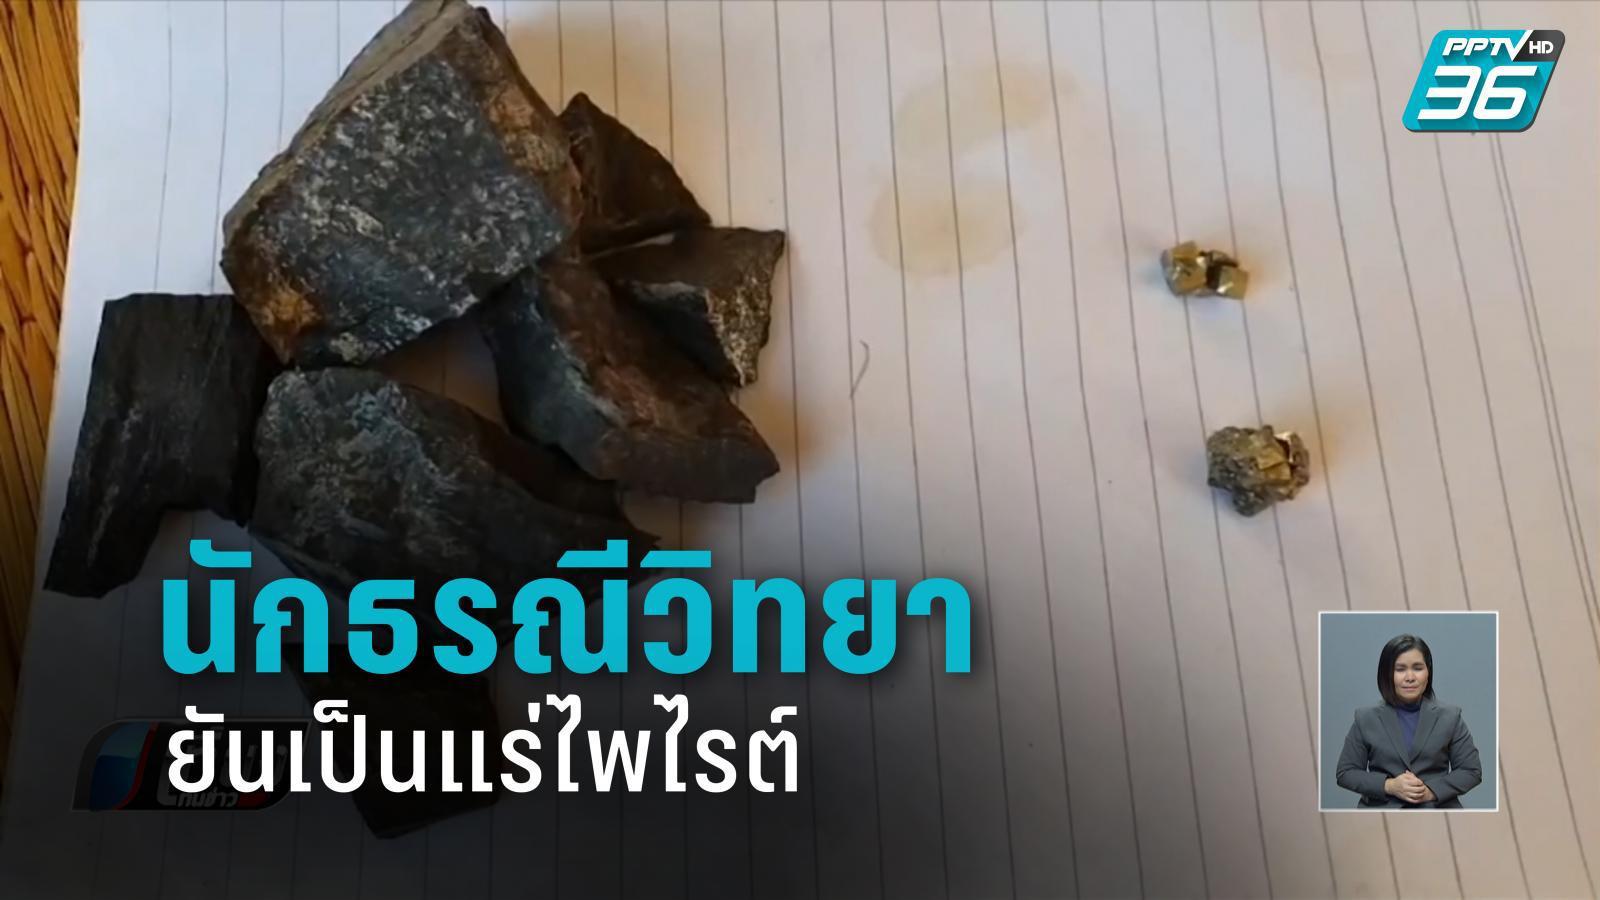 นักธรณีวิทยา ยันก้อนหินปริศนา เป็นแร่ไพไรต์ ไม่ใช่ทองคำ